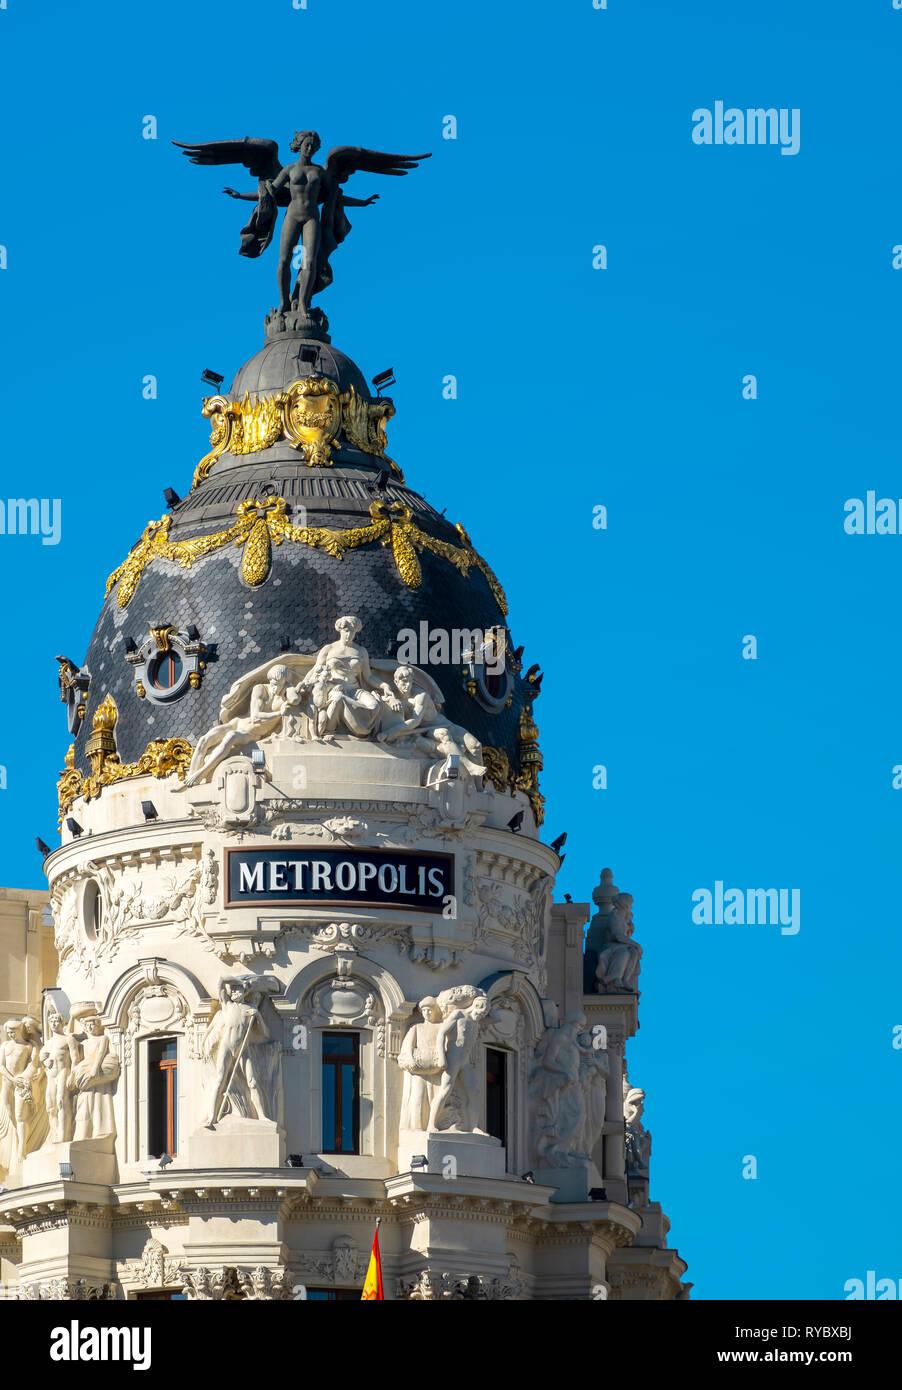 Madrid edificio Metrópolis histórica en la esquina de la Calle de Alcalá y la Gran Vía, Madrid, España. Imagen De Stock